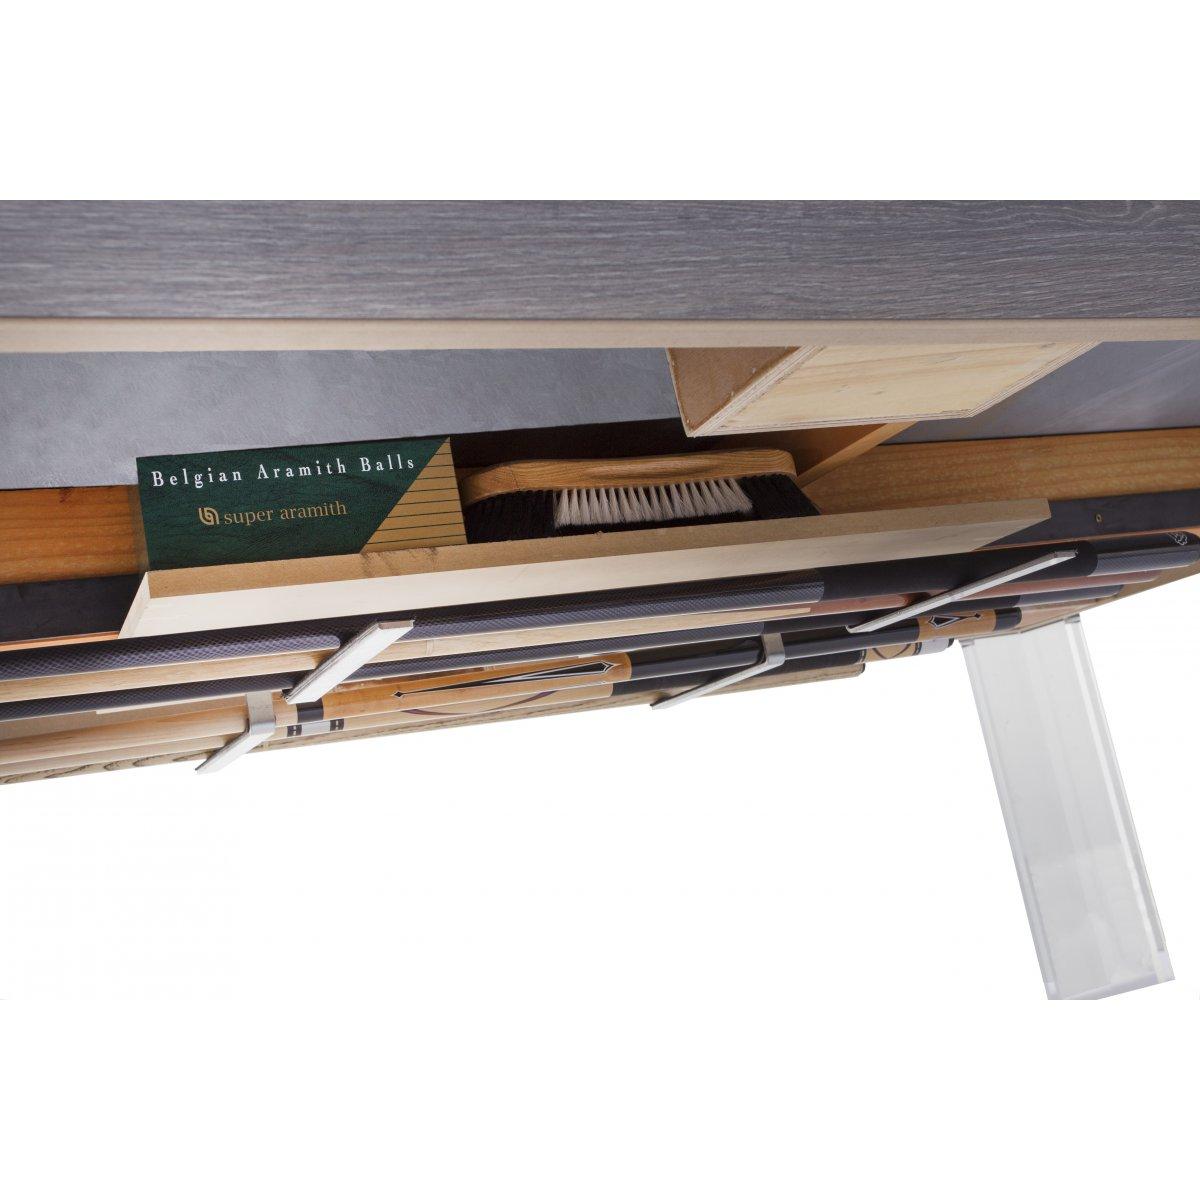 Rangement des accessoires sous la table de billard r f rence for Porte queue billard moderne